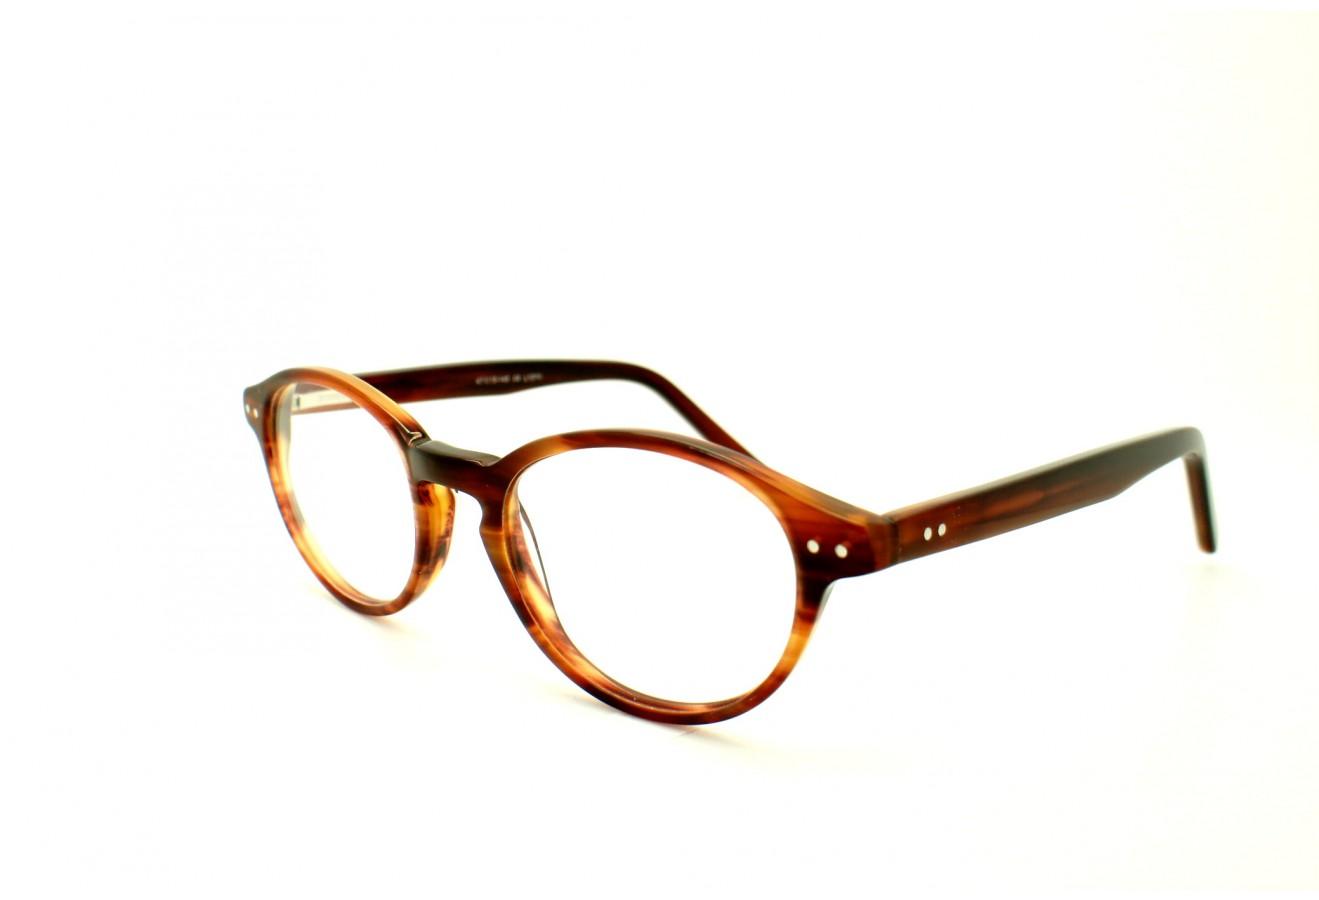 lunettes de vue mymonture marley a184c 47 19. Black Bedroom Furniture Sets. Home Design Ideas